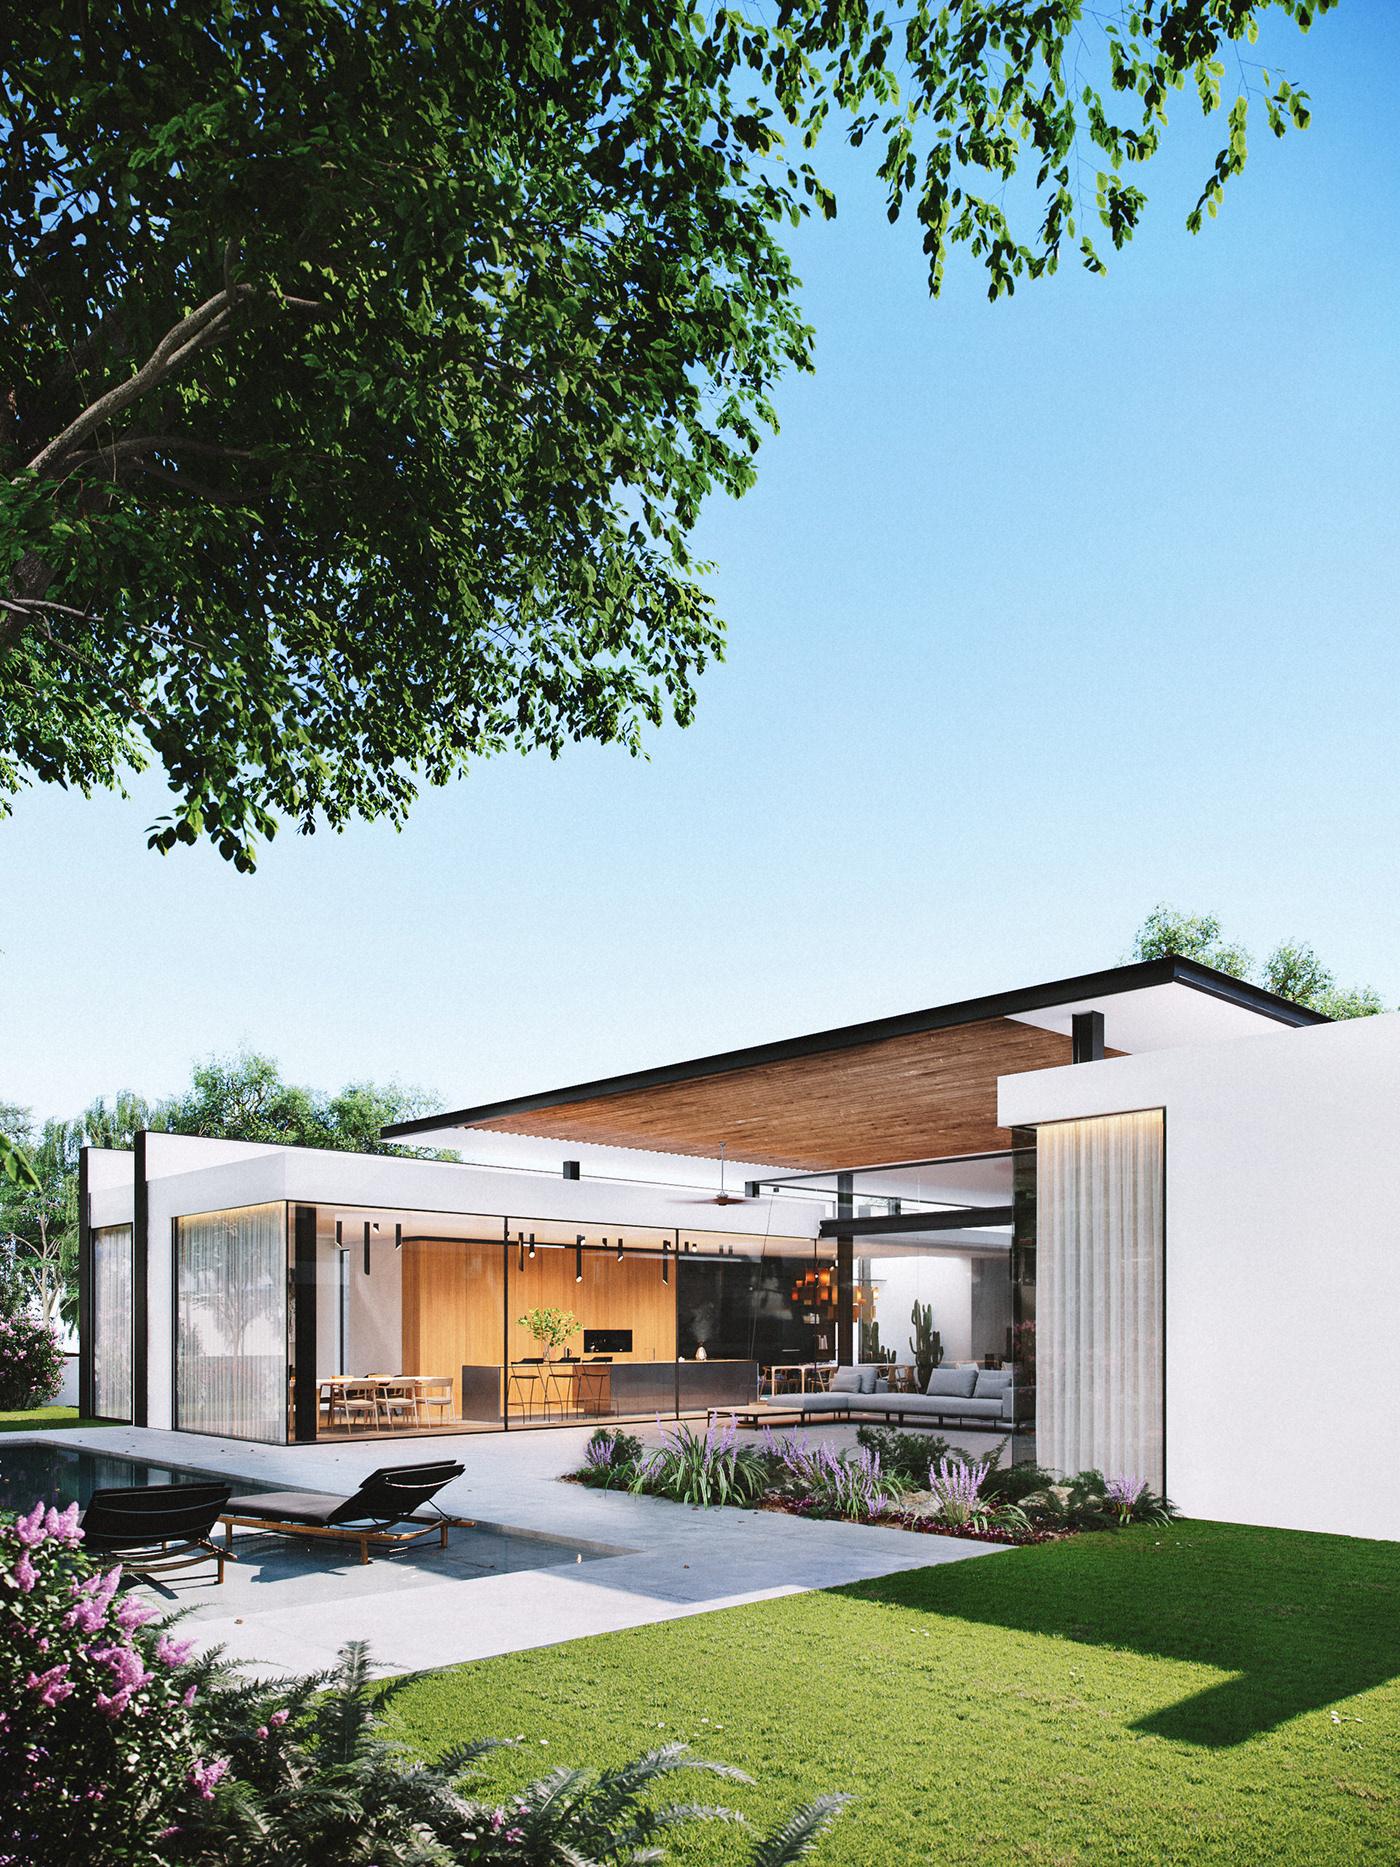 财经资讯_建筑设计师Raz Melamed以色列私人住宅建筑设计 - 视觉同盟(VisionUnion ...